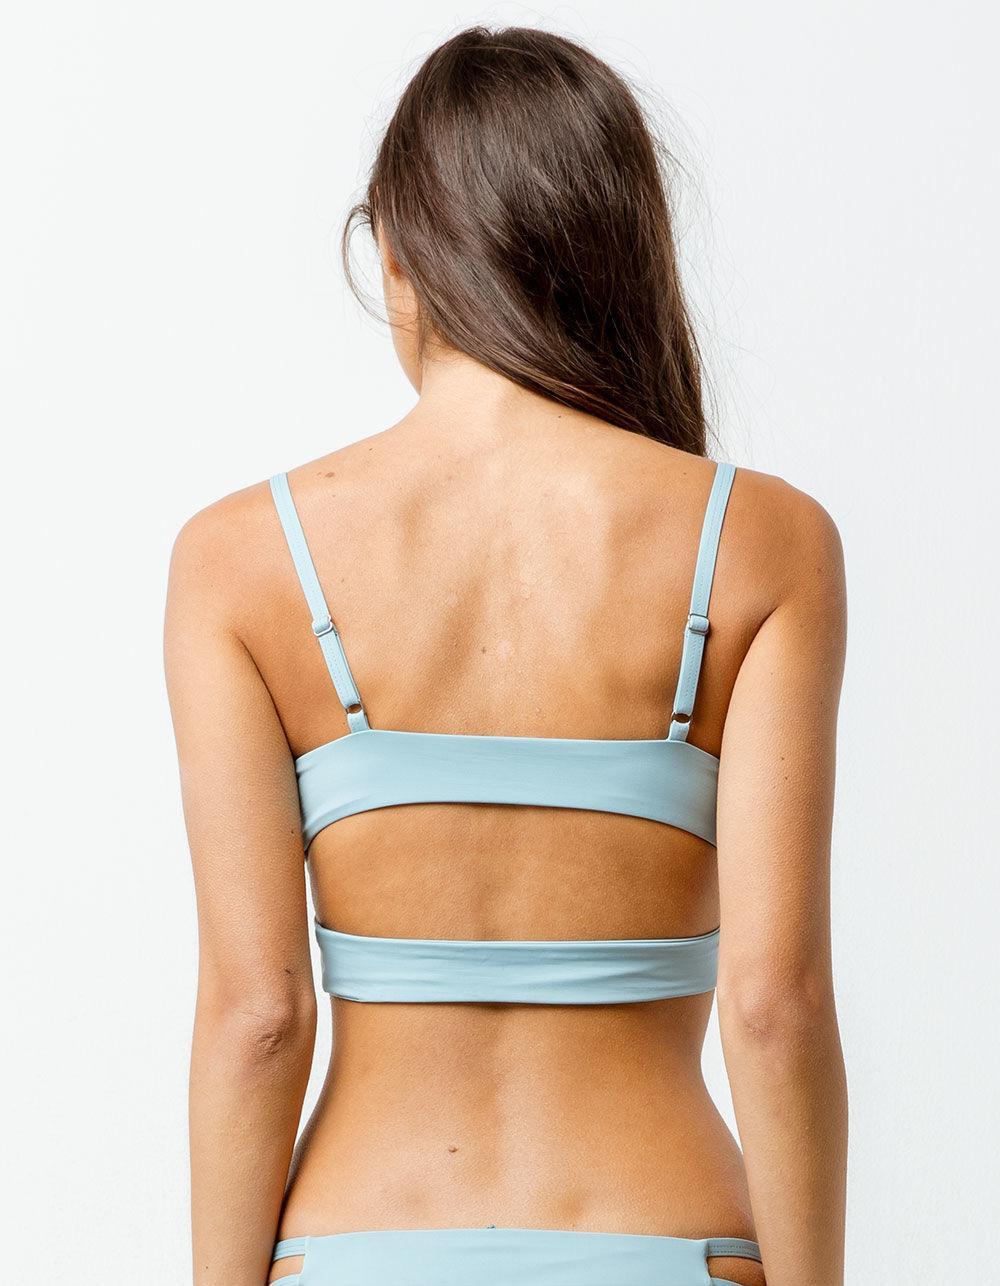 f51f1f82de8f6 Tavik Jessi Cloud Blue Triangle Bikini Top in Blue - Lyst